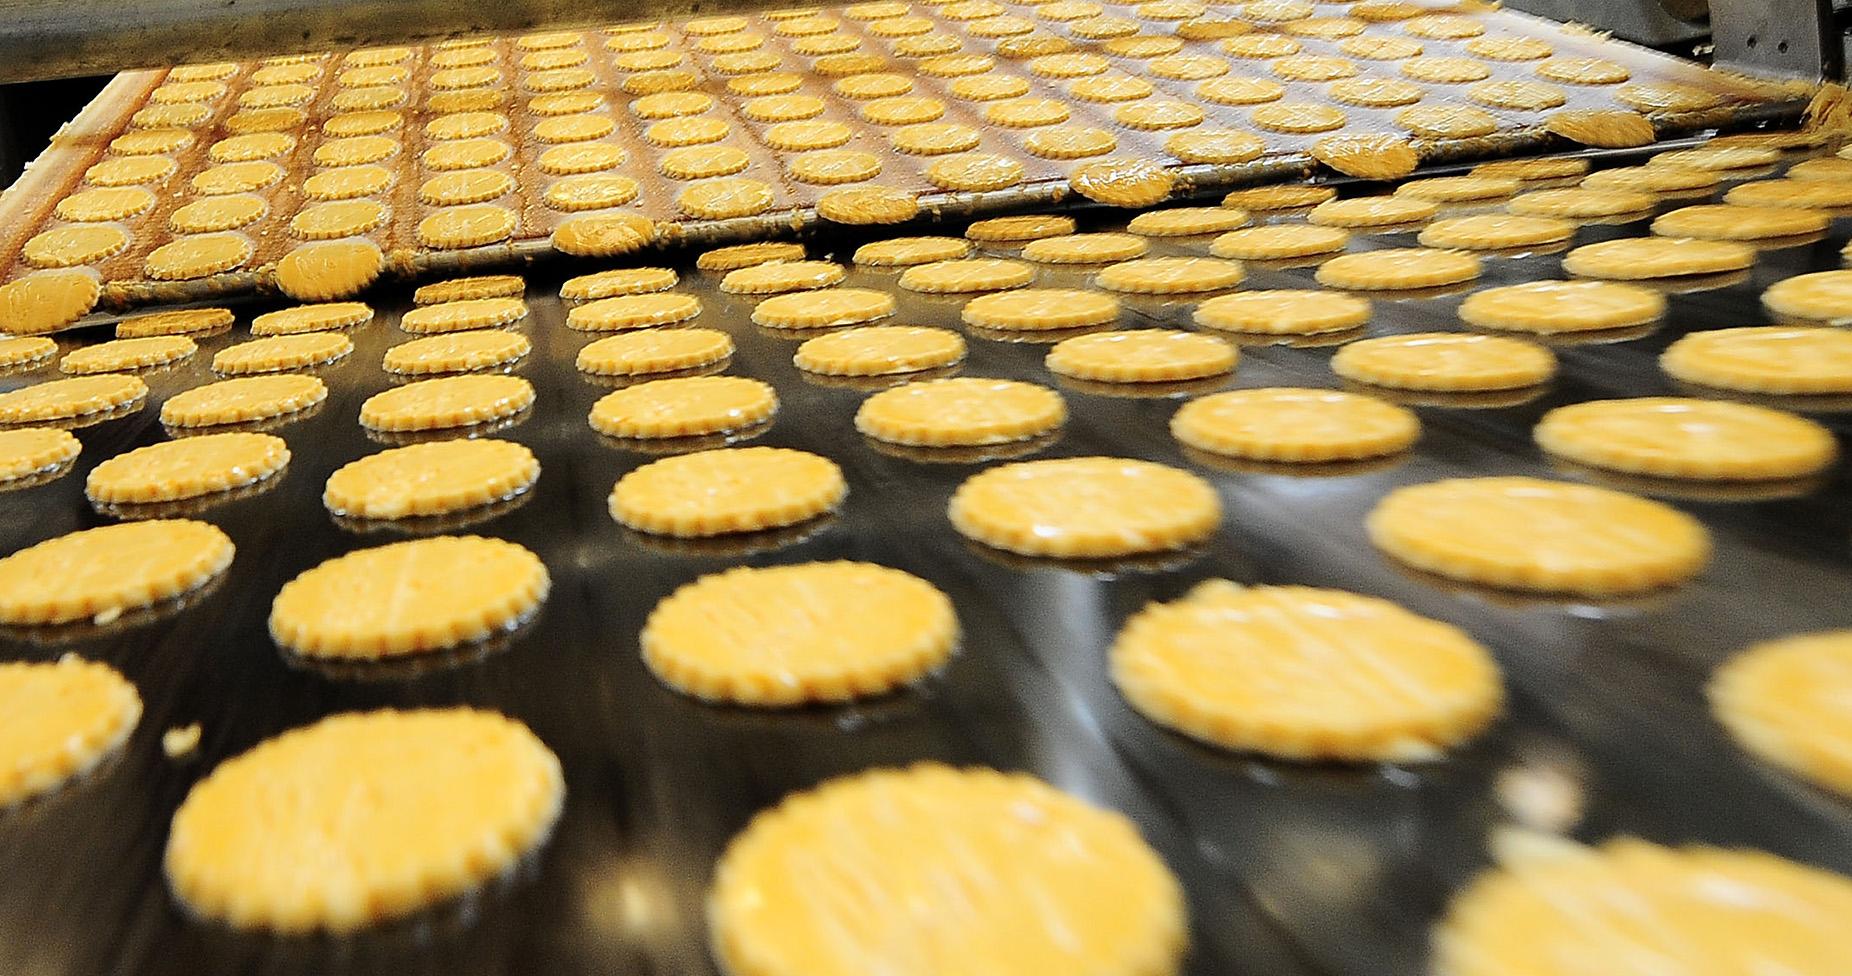 Galettes au beurre